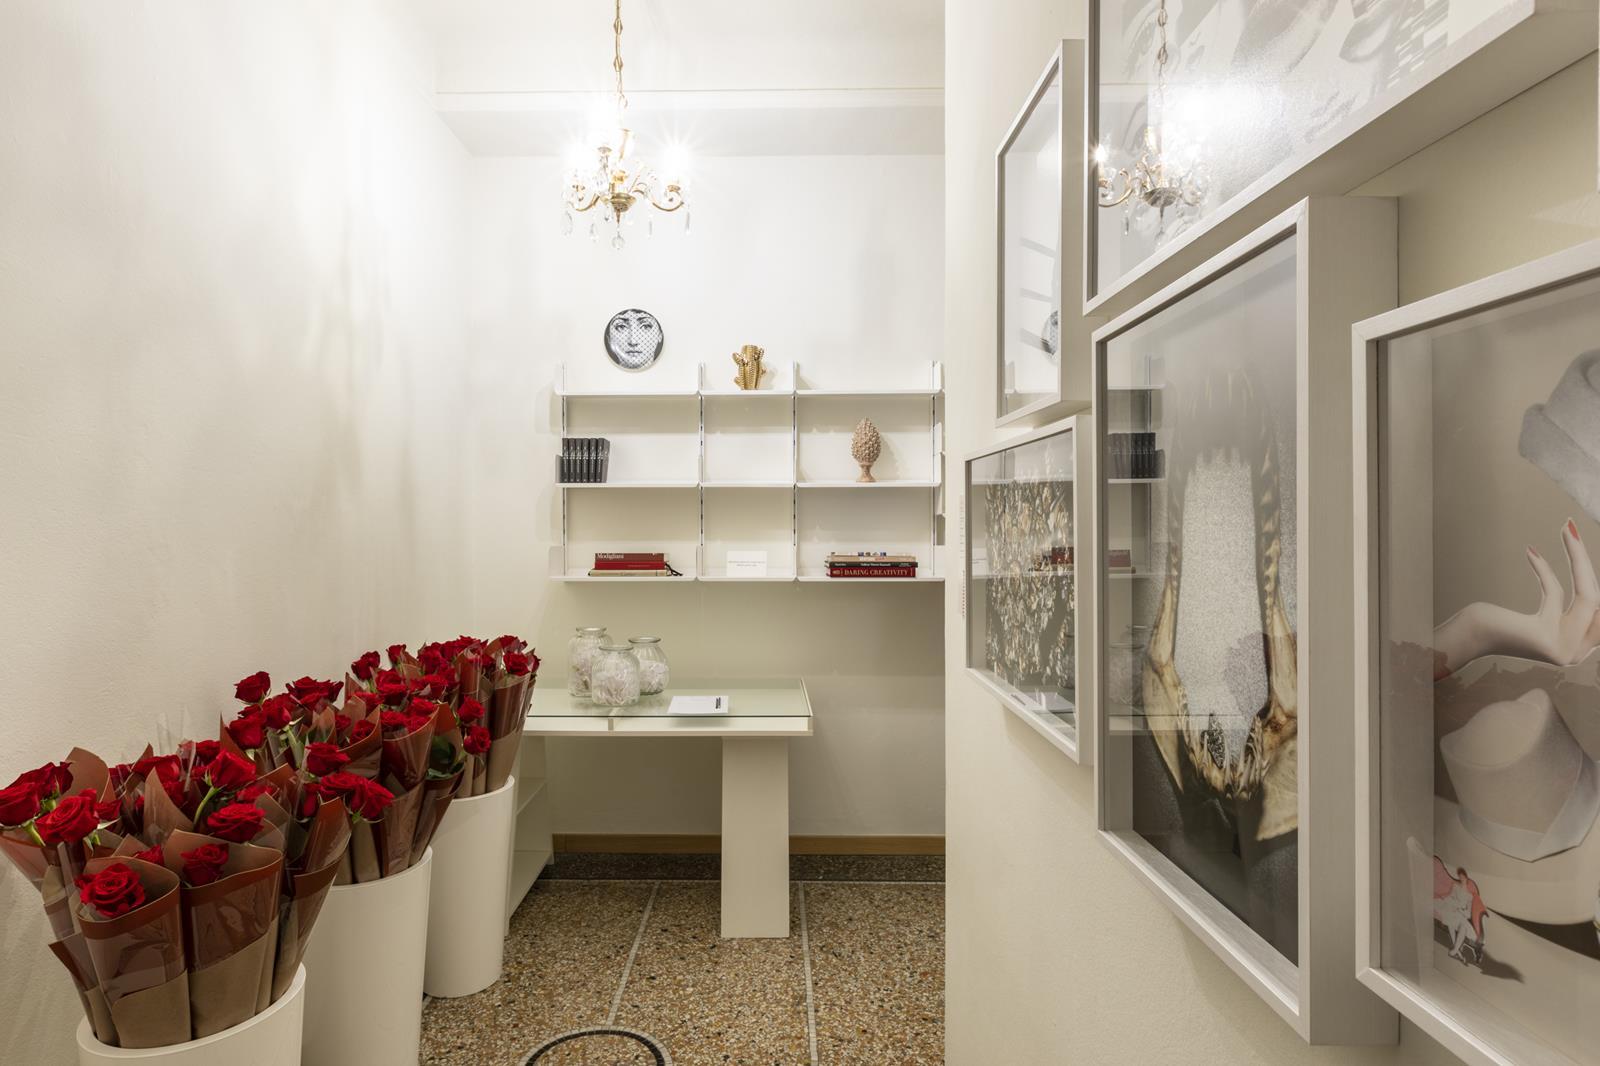 barbara gianuzzi comunicazione ufficio stampa milano alta gioielleria